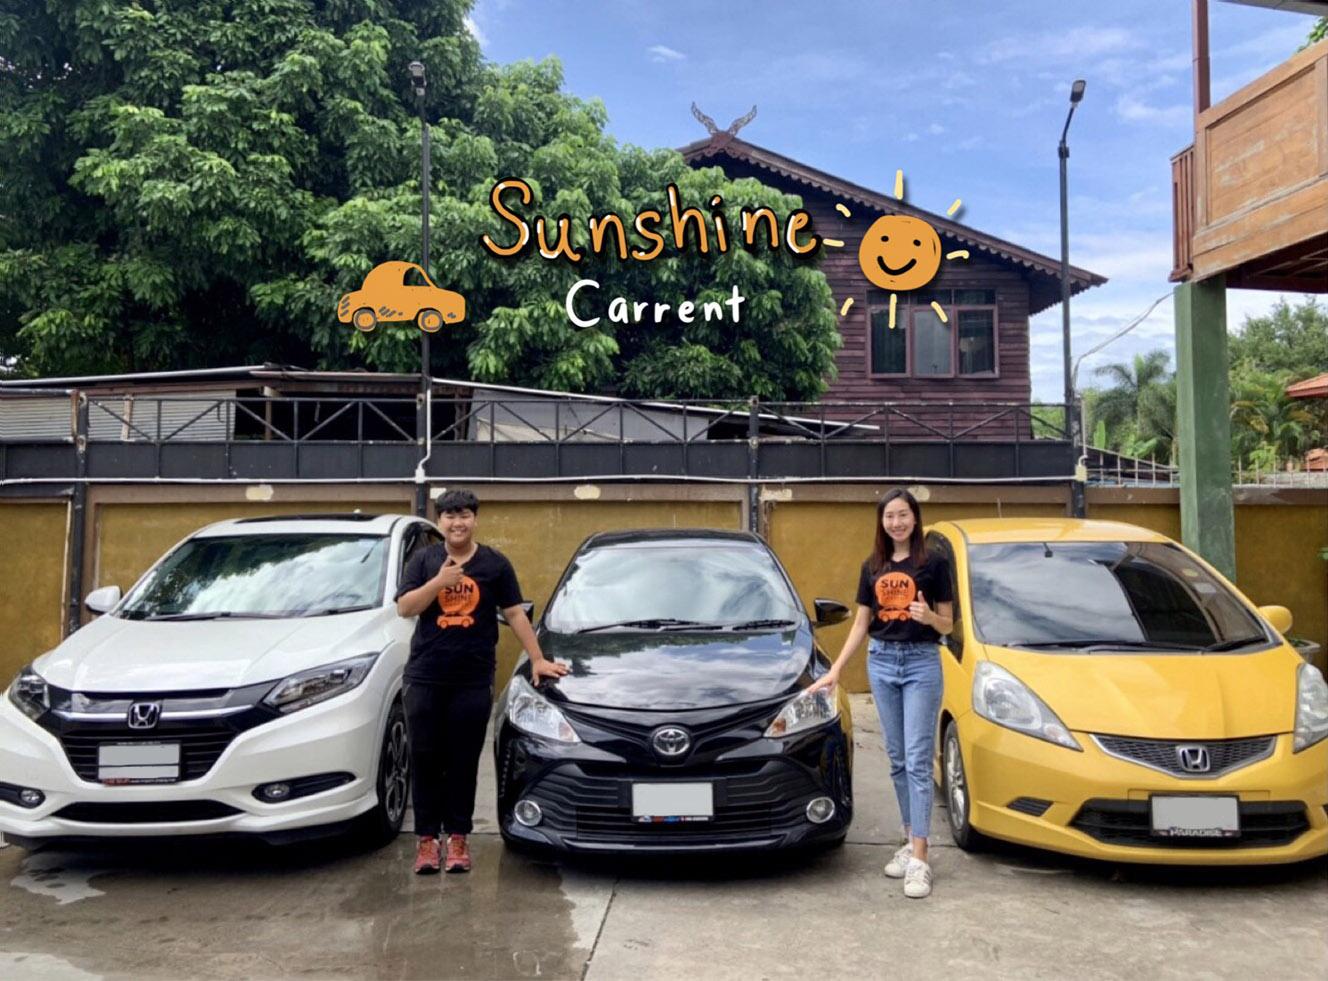 Sunshine รถเช่าเชียงใหม่  ราคาสบายๆ บริการรถ เริ่มต้น 750 บาท